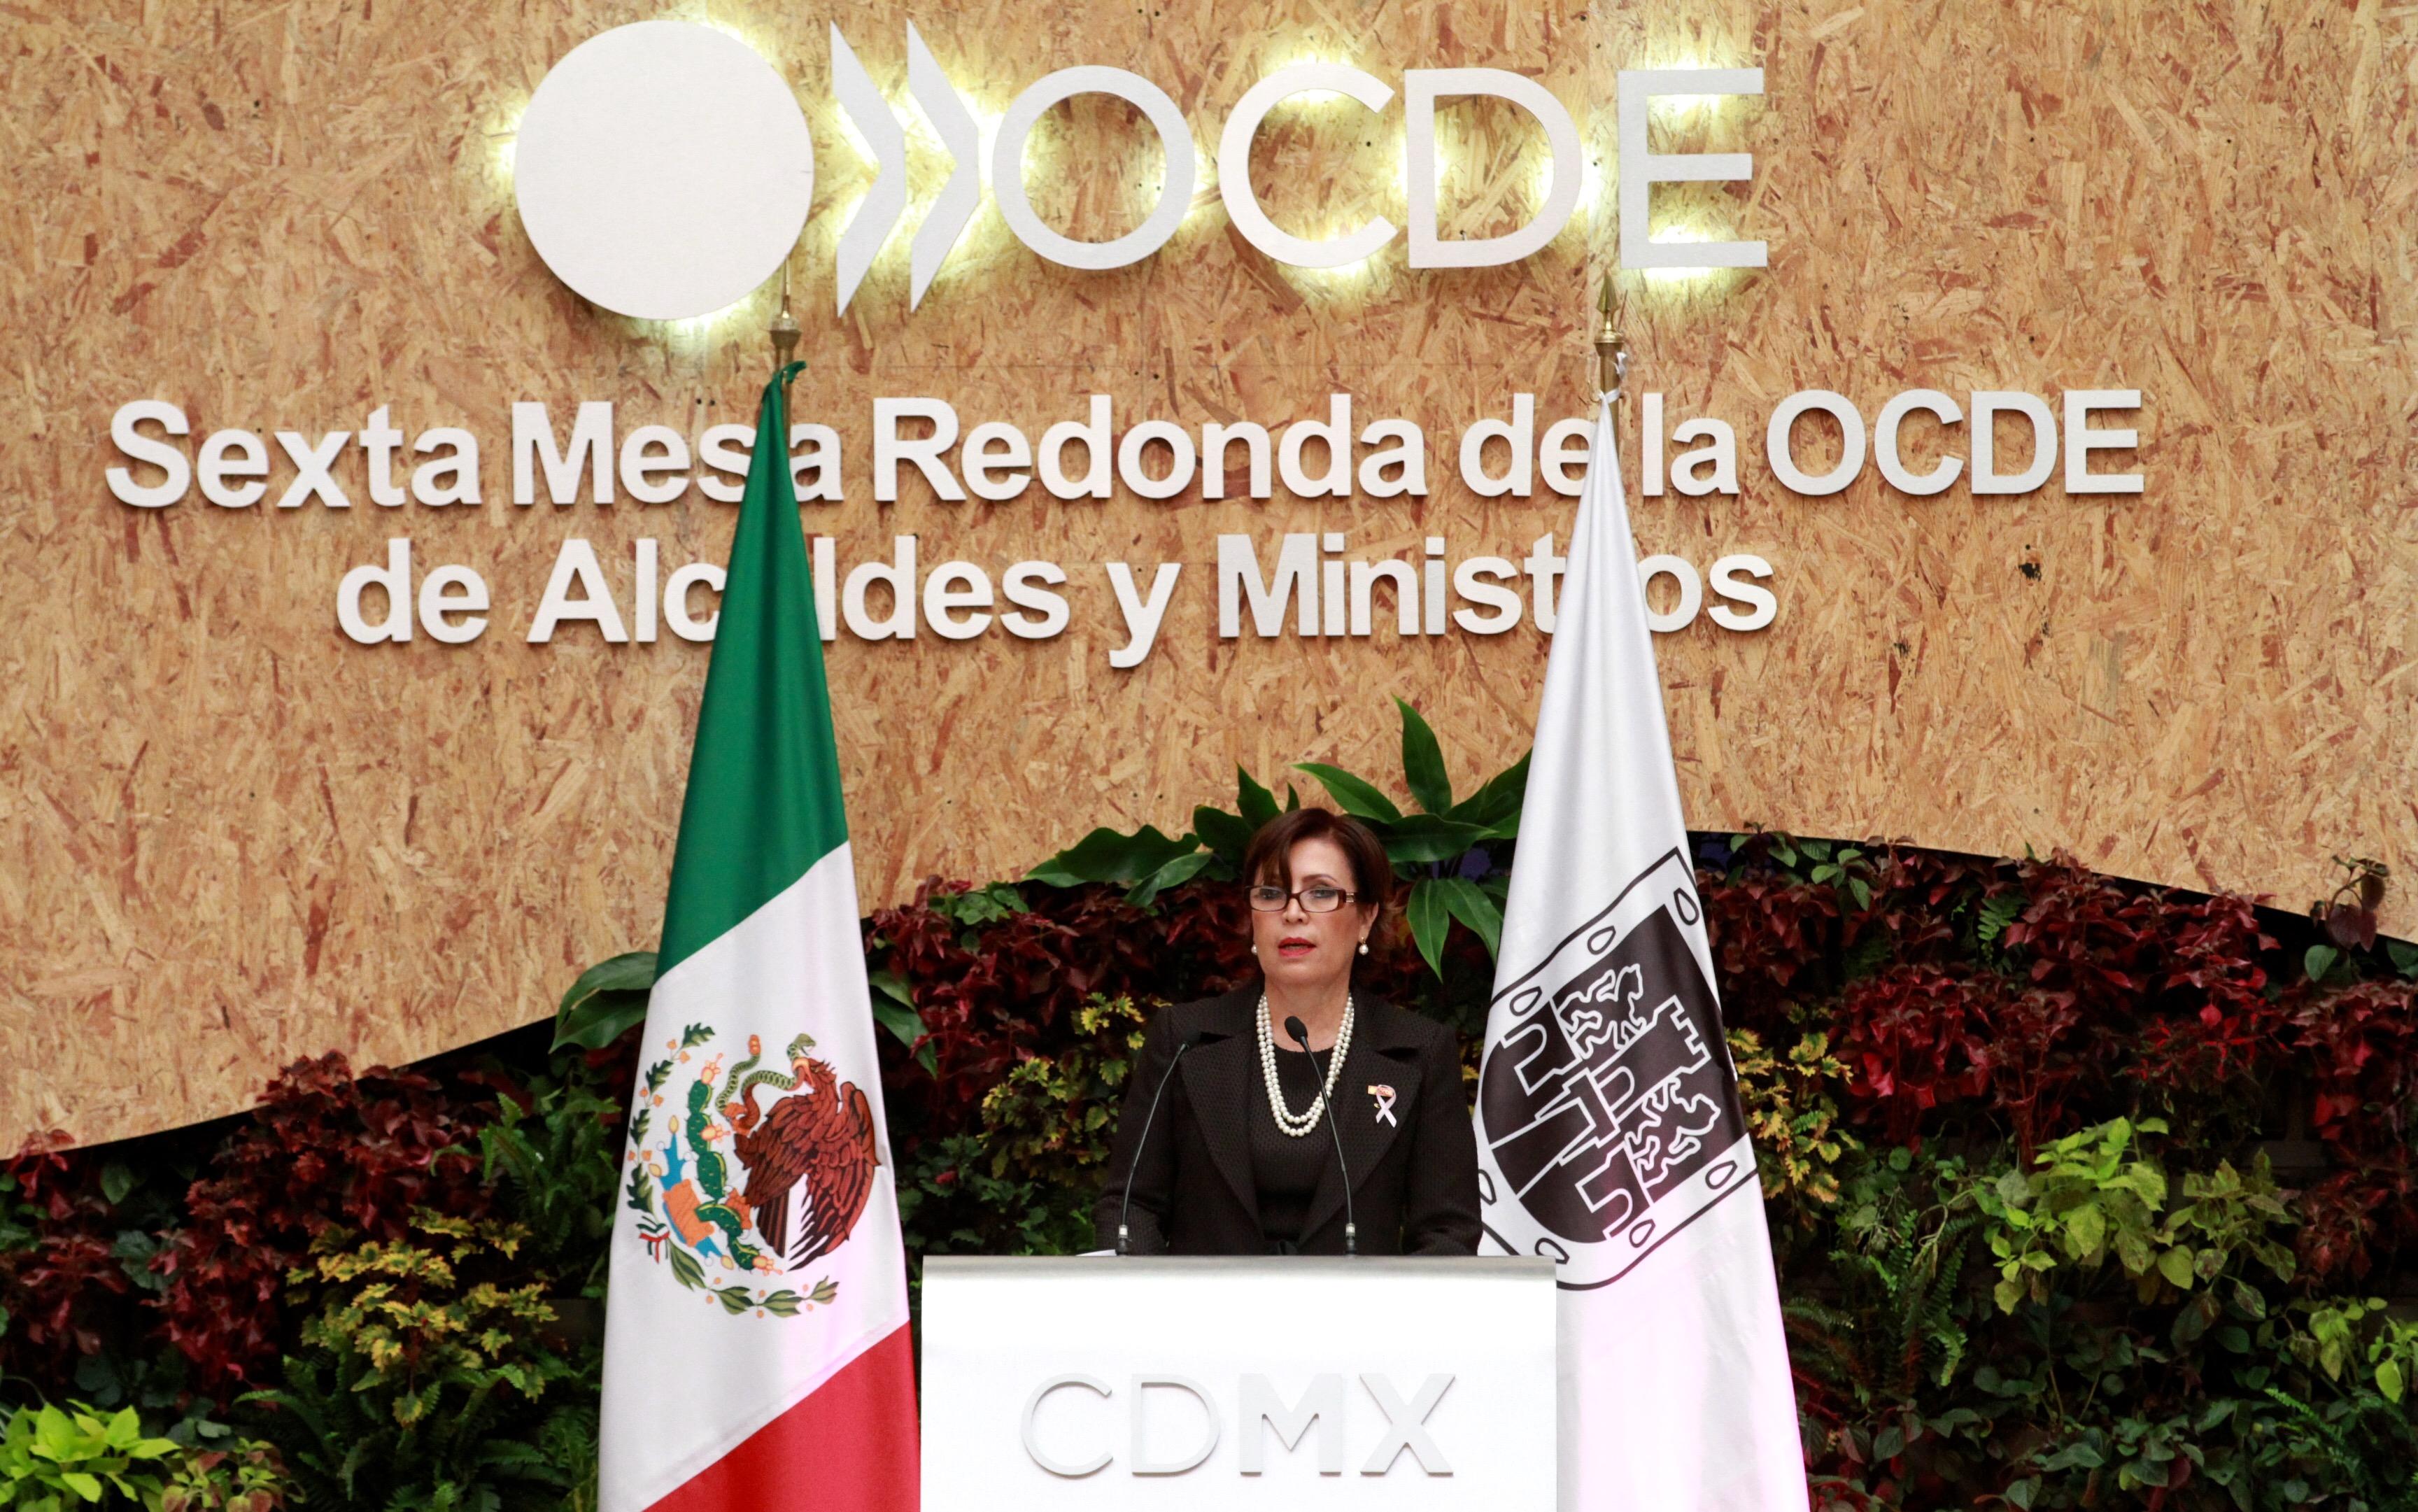 La titular de la Secretaría de Desarrollo Agrario, Territorial y Urbano, participó la Sexta Mesa Redonda de Alcaldes y Ministros, convocada por la Organización para la Cooperación y el Desarrollo Económico (OCDE).